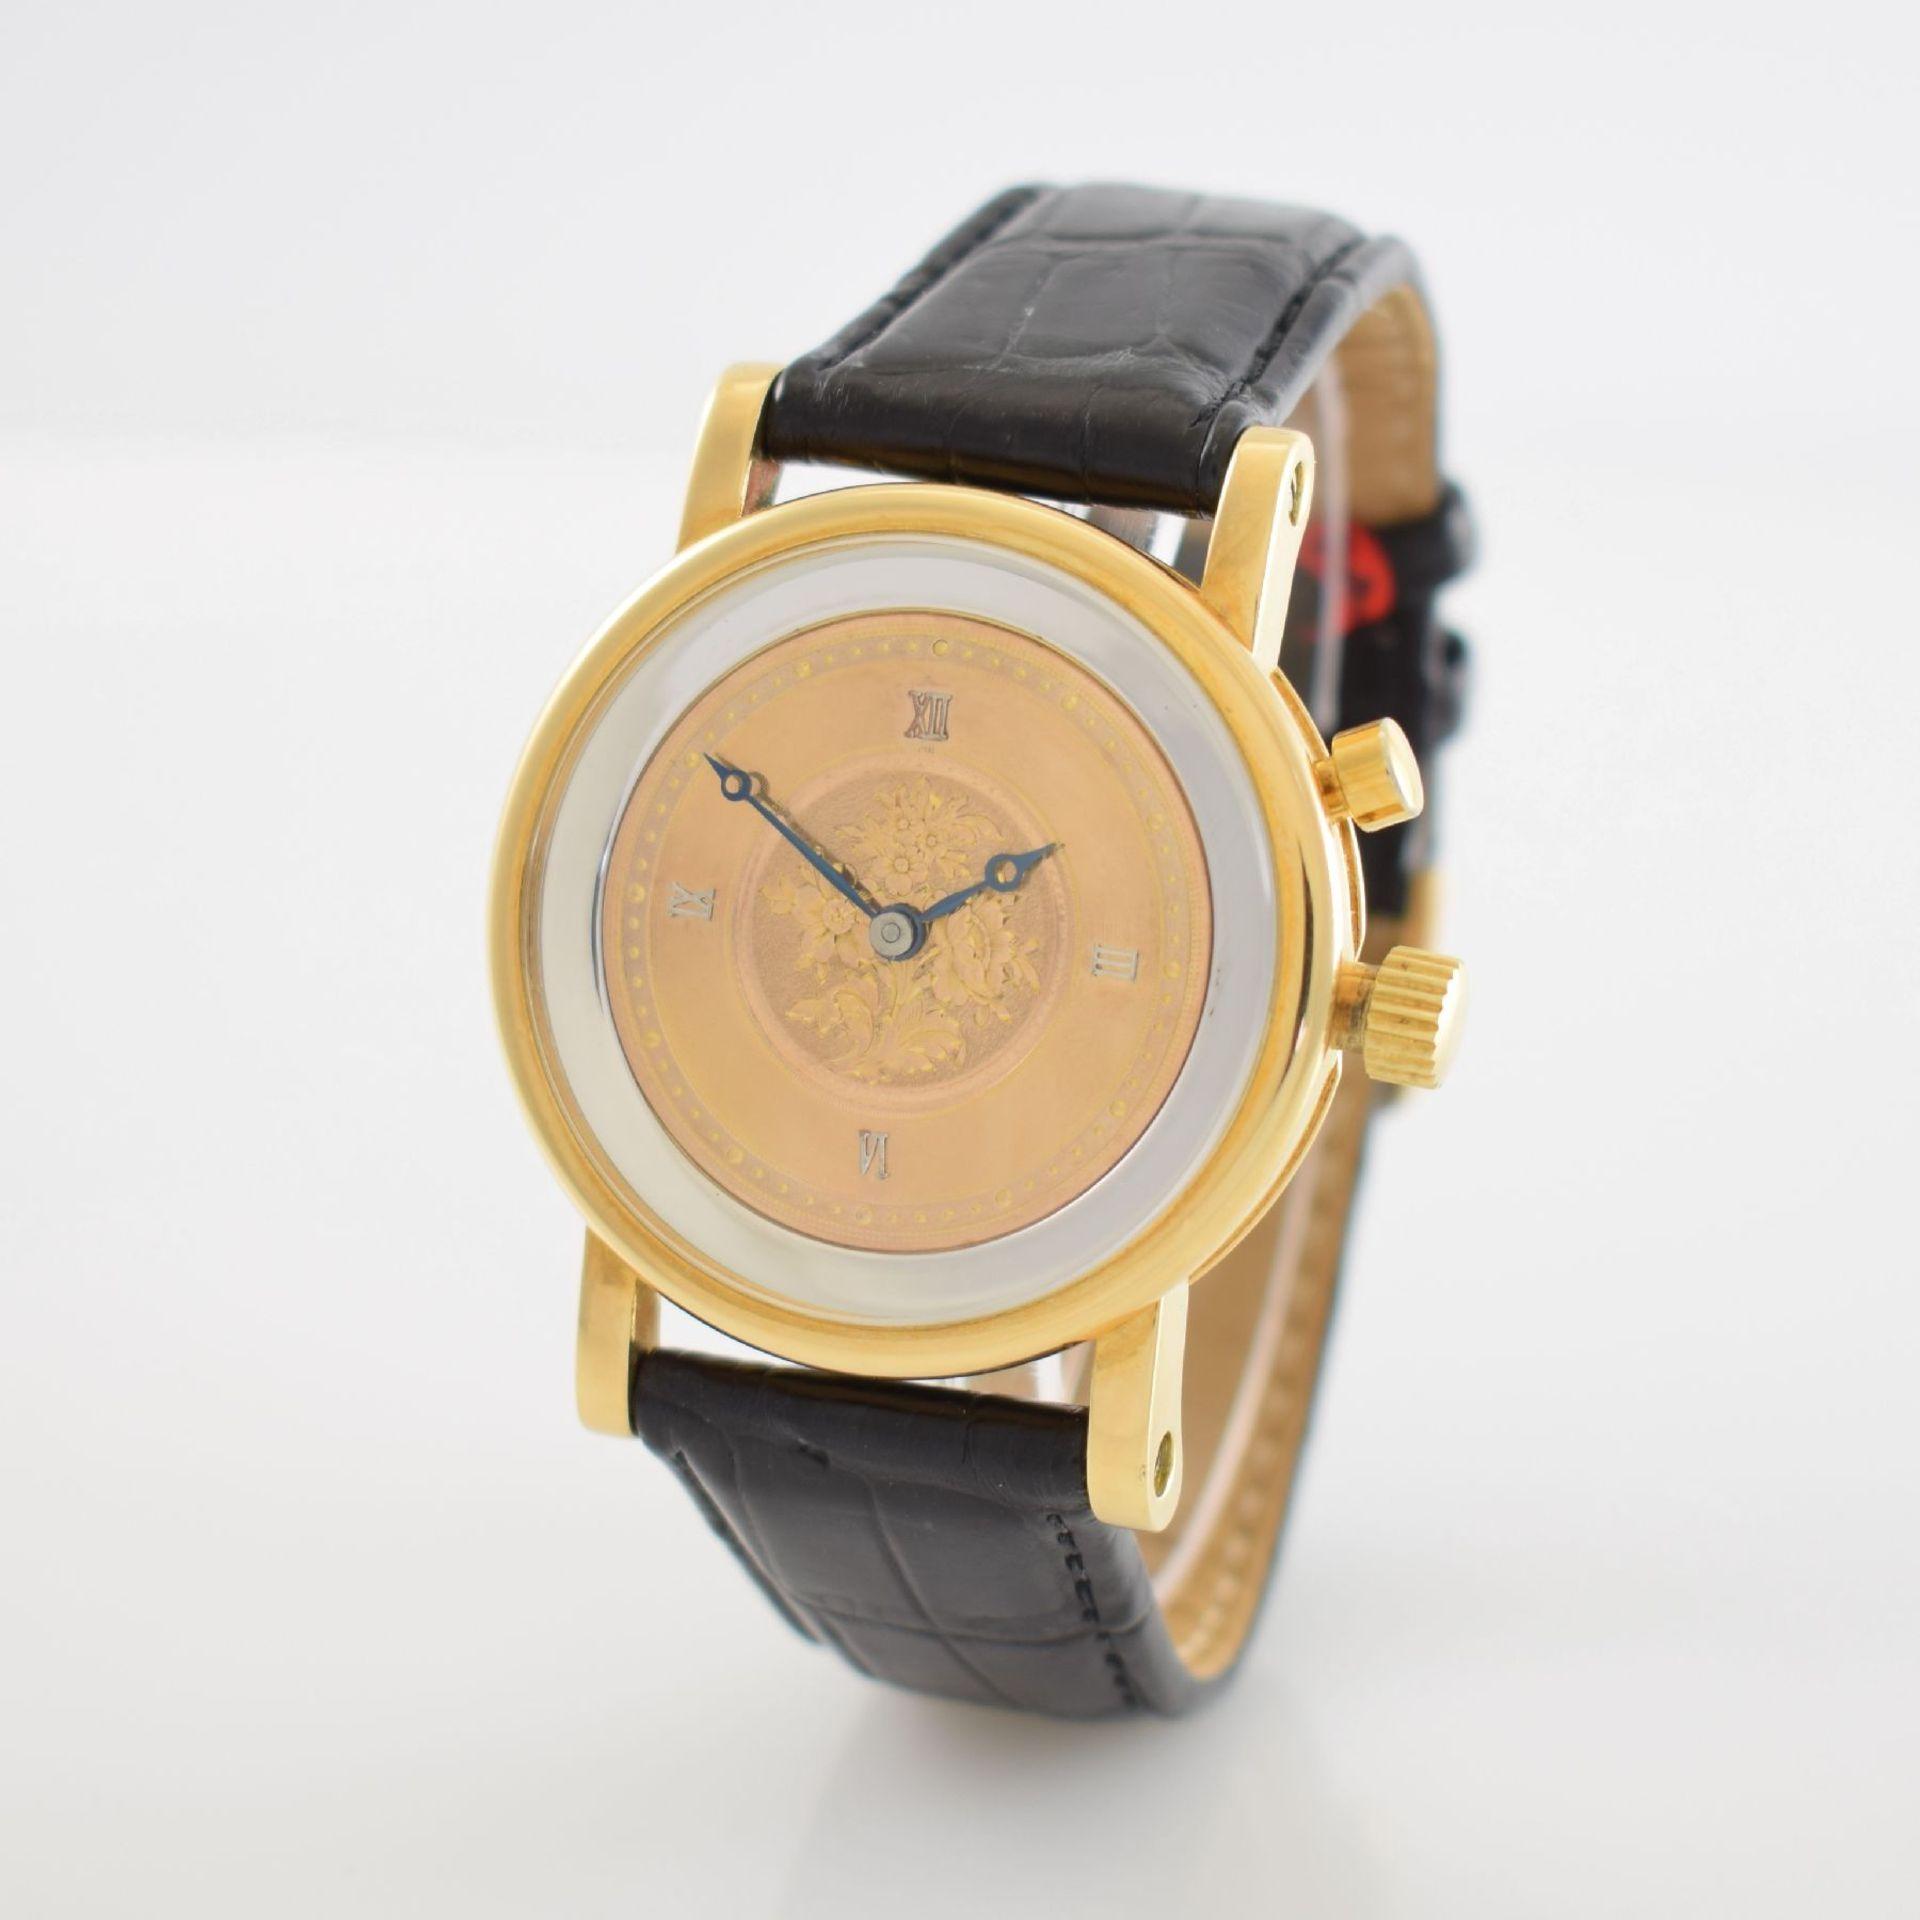 Taschenuhrwerk mit 1/4 Repetition umgebaut zur Armbanduhr in GG 750/000 Gehäuse, Handaufzug, - Bild 3 aus 9